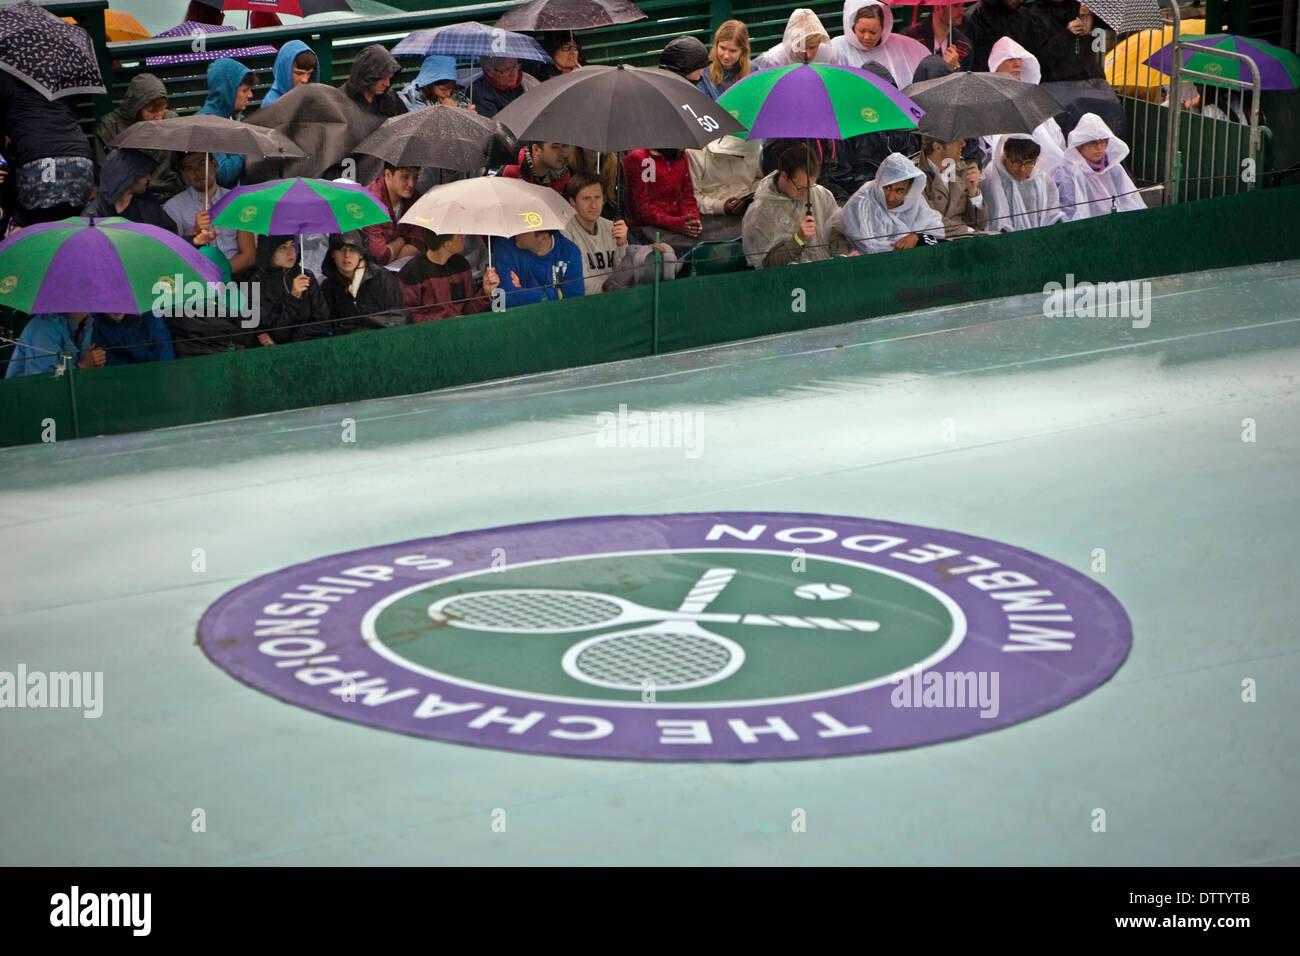 Regen Sie an Wimbledon Gericht Abdeckung auf Schirm oben Menschenmenge wartete für das Spiel Stockbild